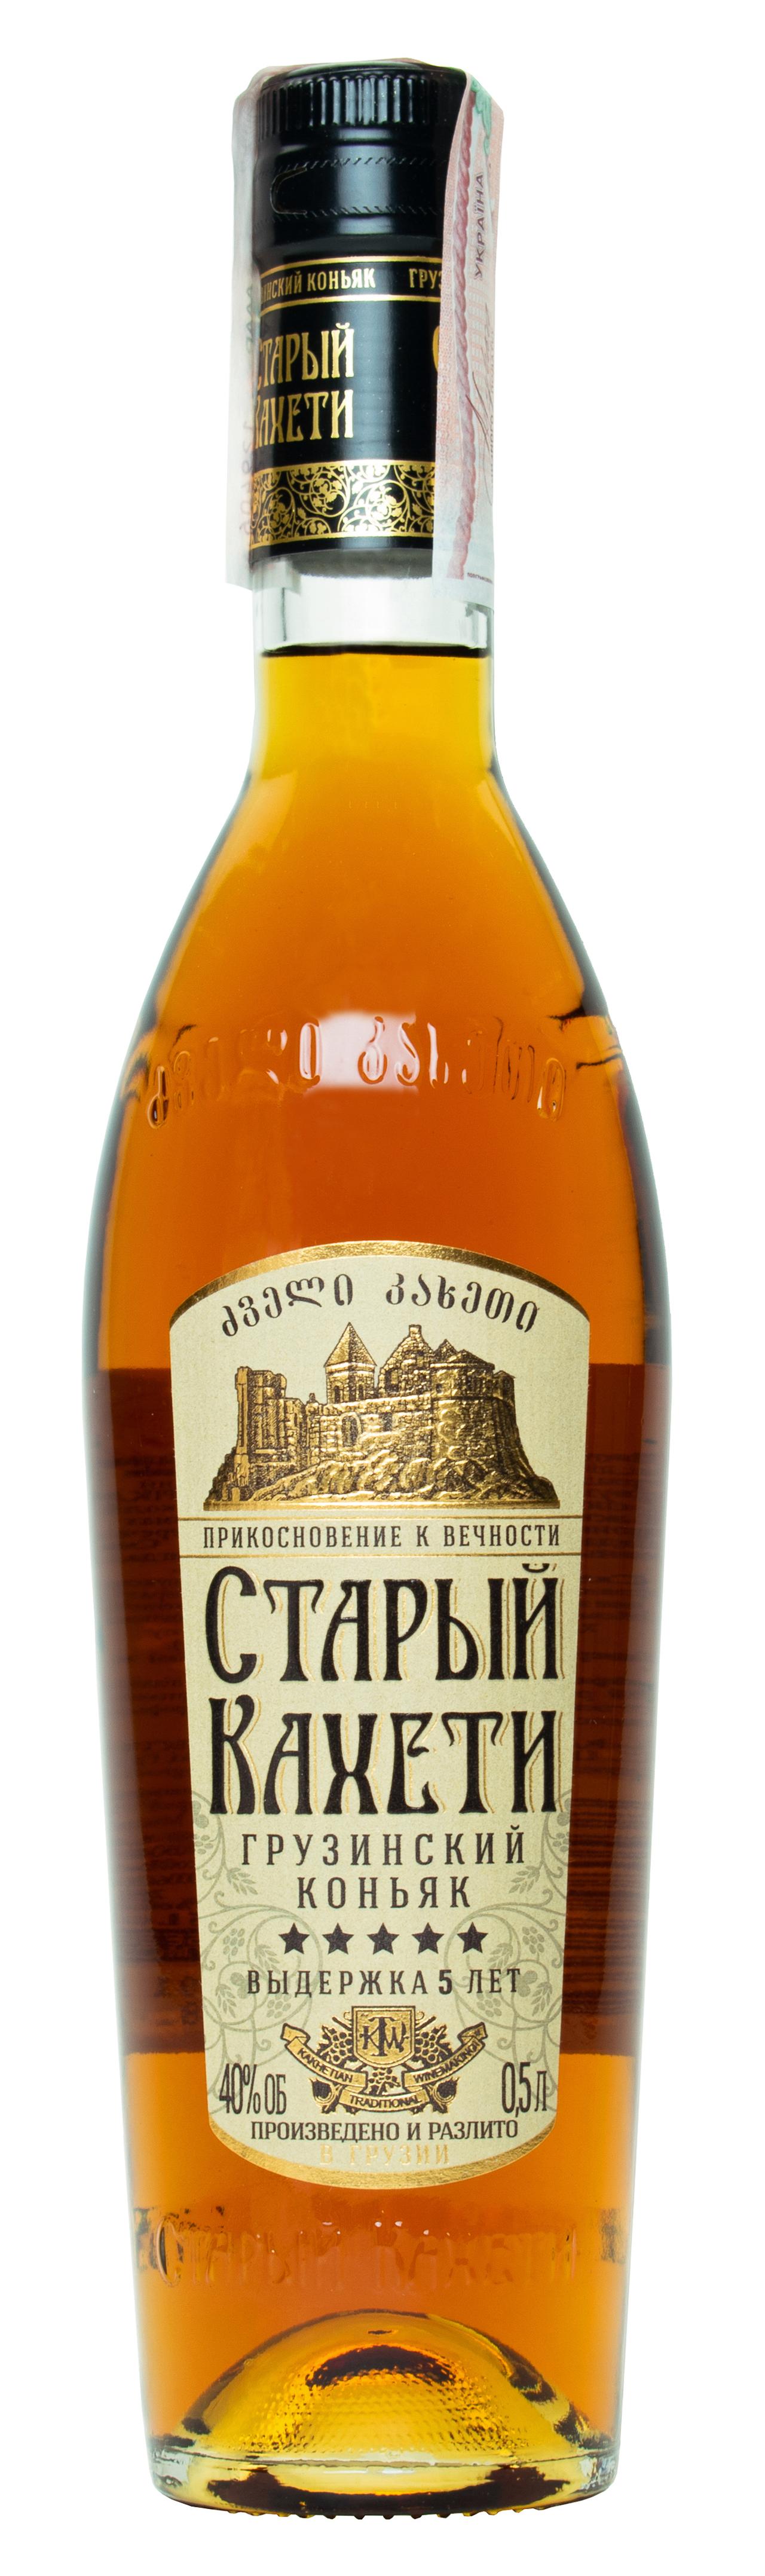 Коньяк Старый Кахети Грузинський 5 yo 40% 0,5л